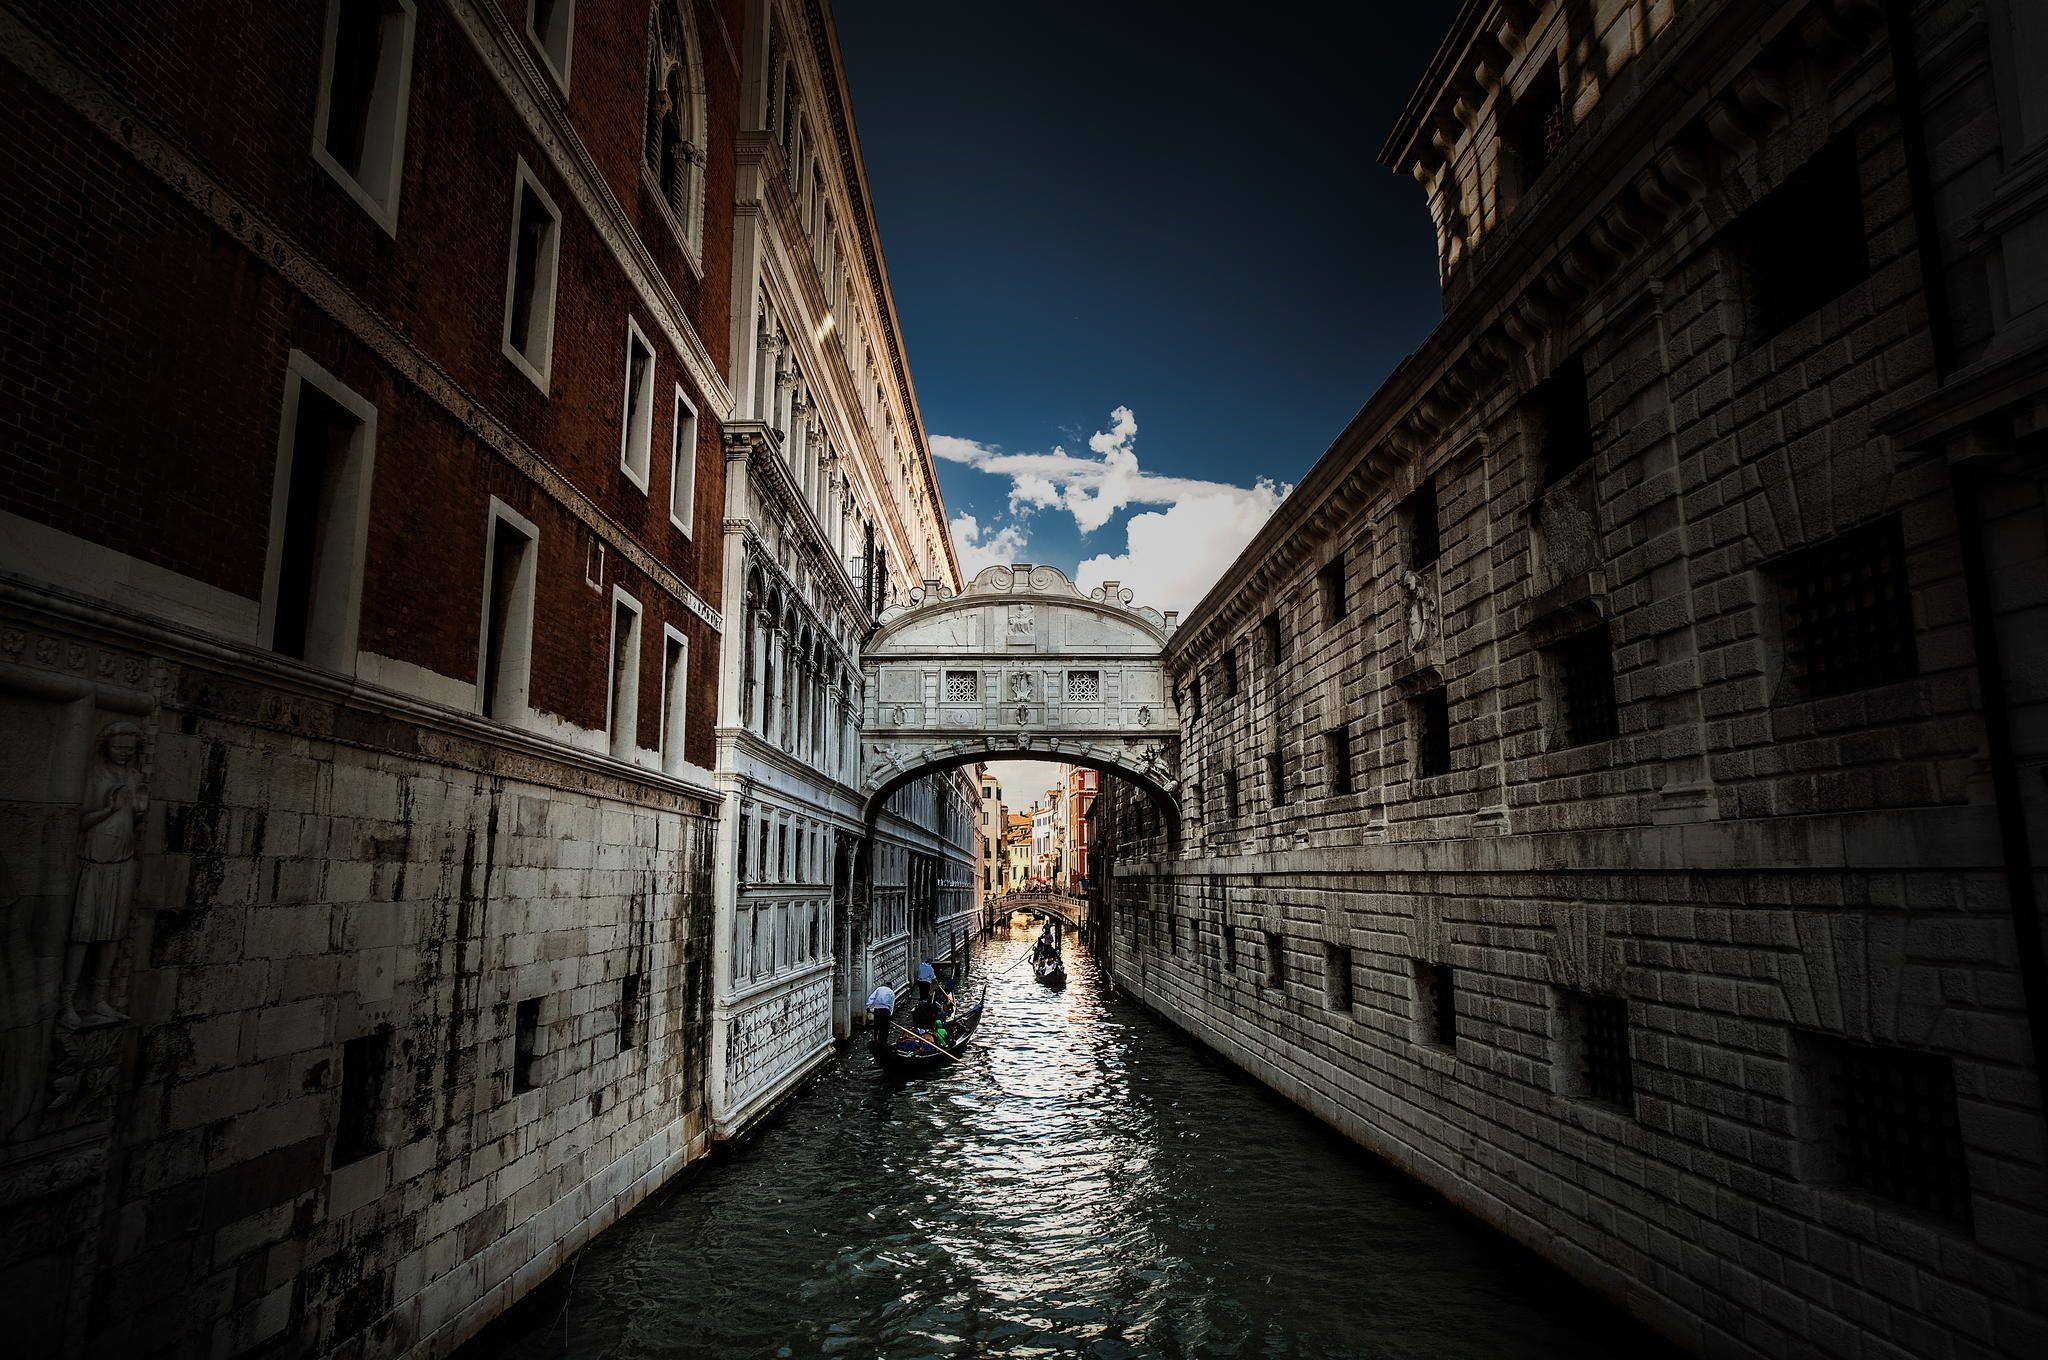 Puente De Los Suspiros Venecia Puente De Los Suspiros Venecia Puentes